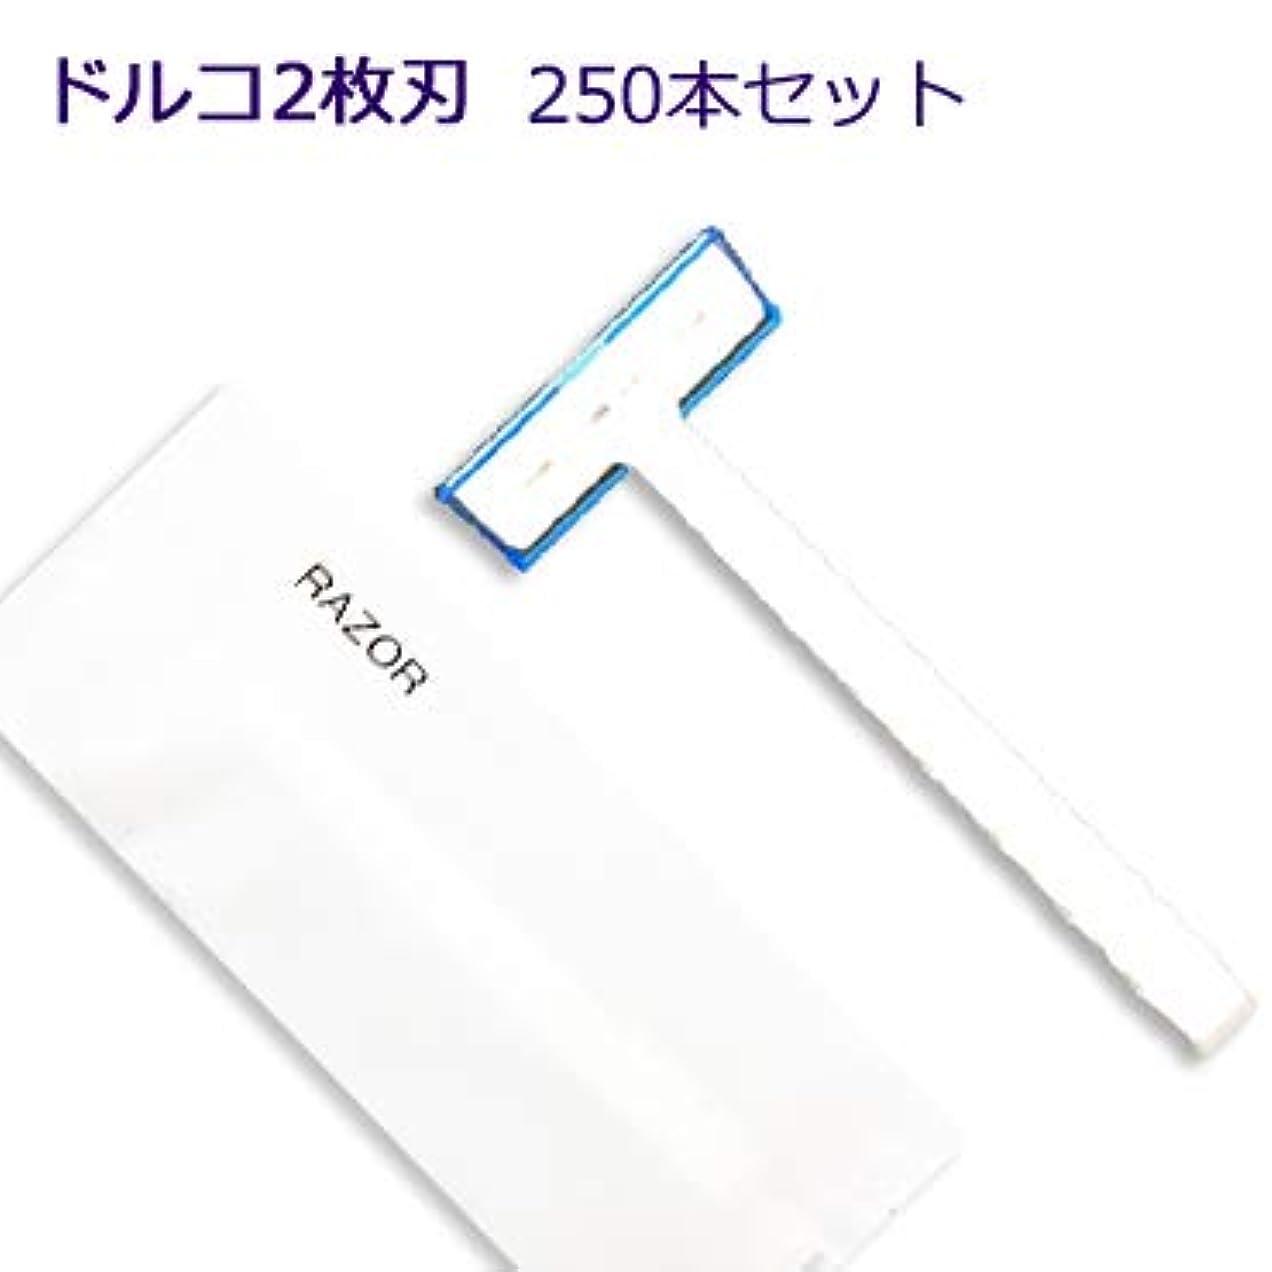 日付甘やかす満州ホテル業務用 カミソリ マットシリーズ ドルコ 2枚刃 (1セット250個入)